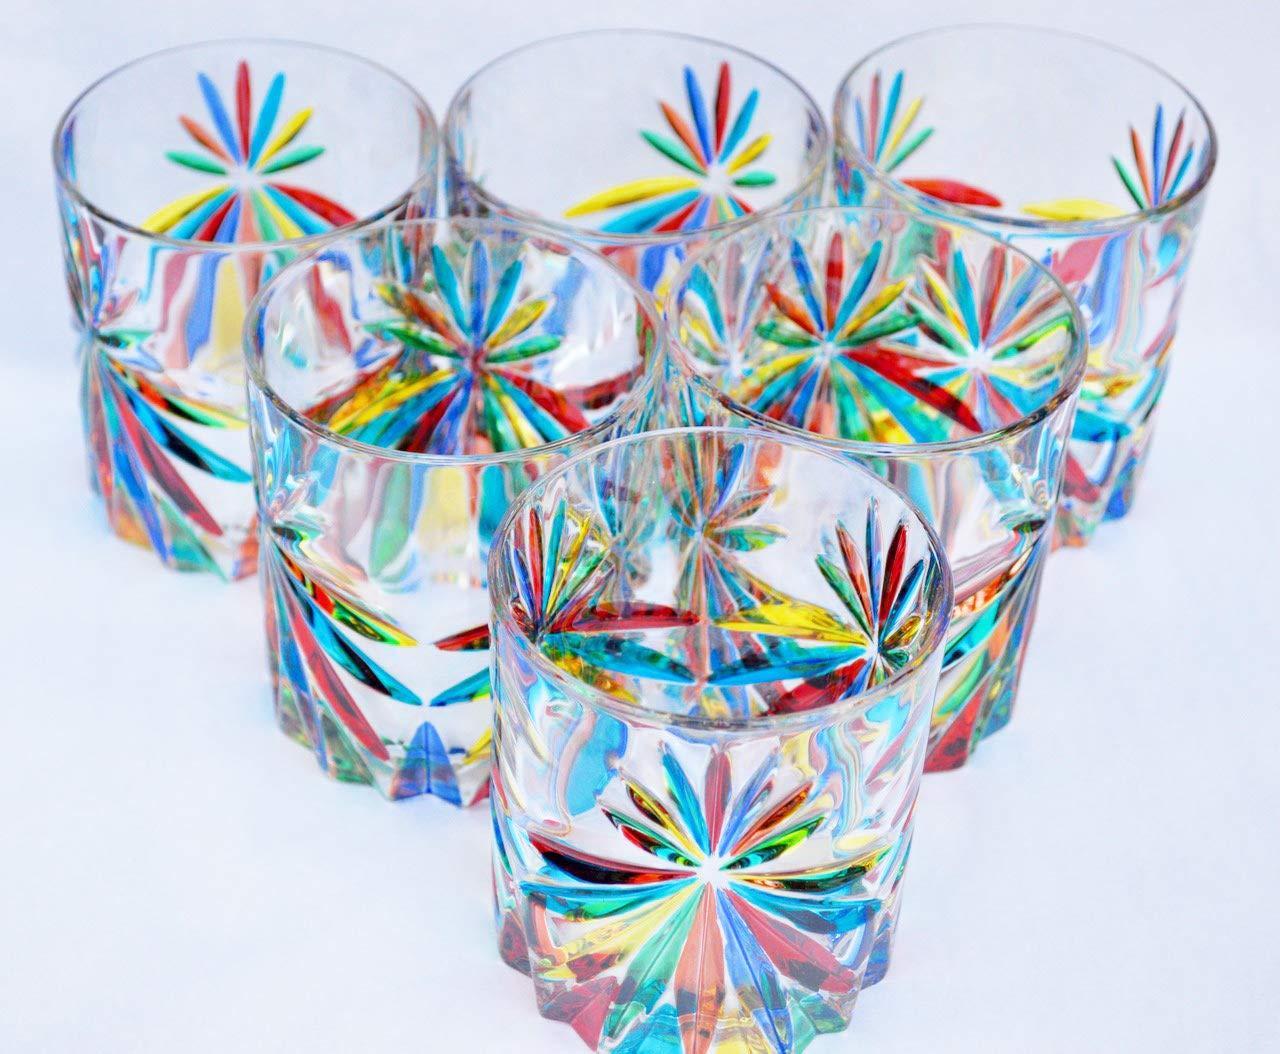 Authentic Murano Highball Glasses, Starburst Pattern, Set of 6 - Handmade Italian Glass